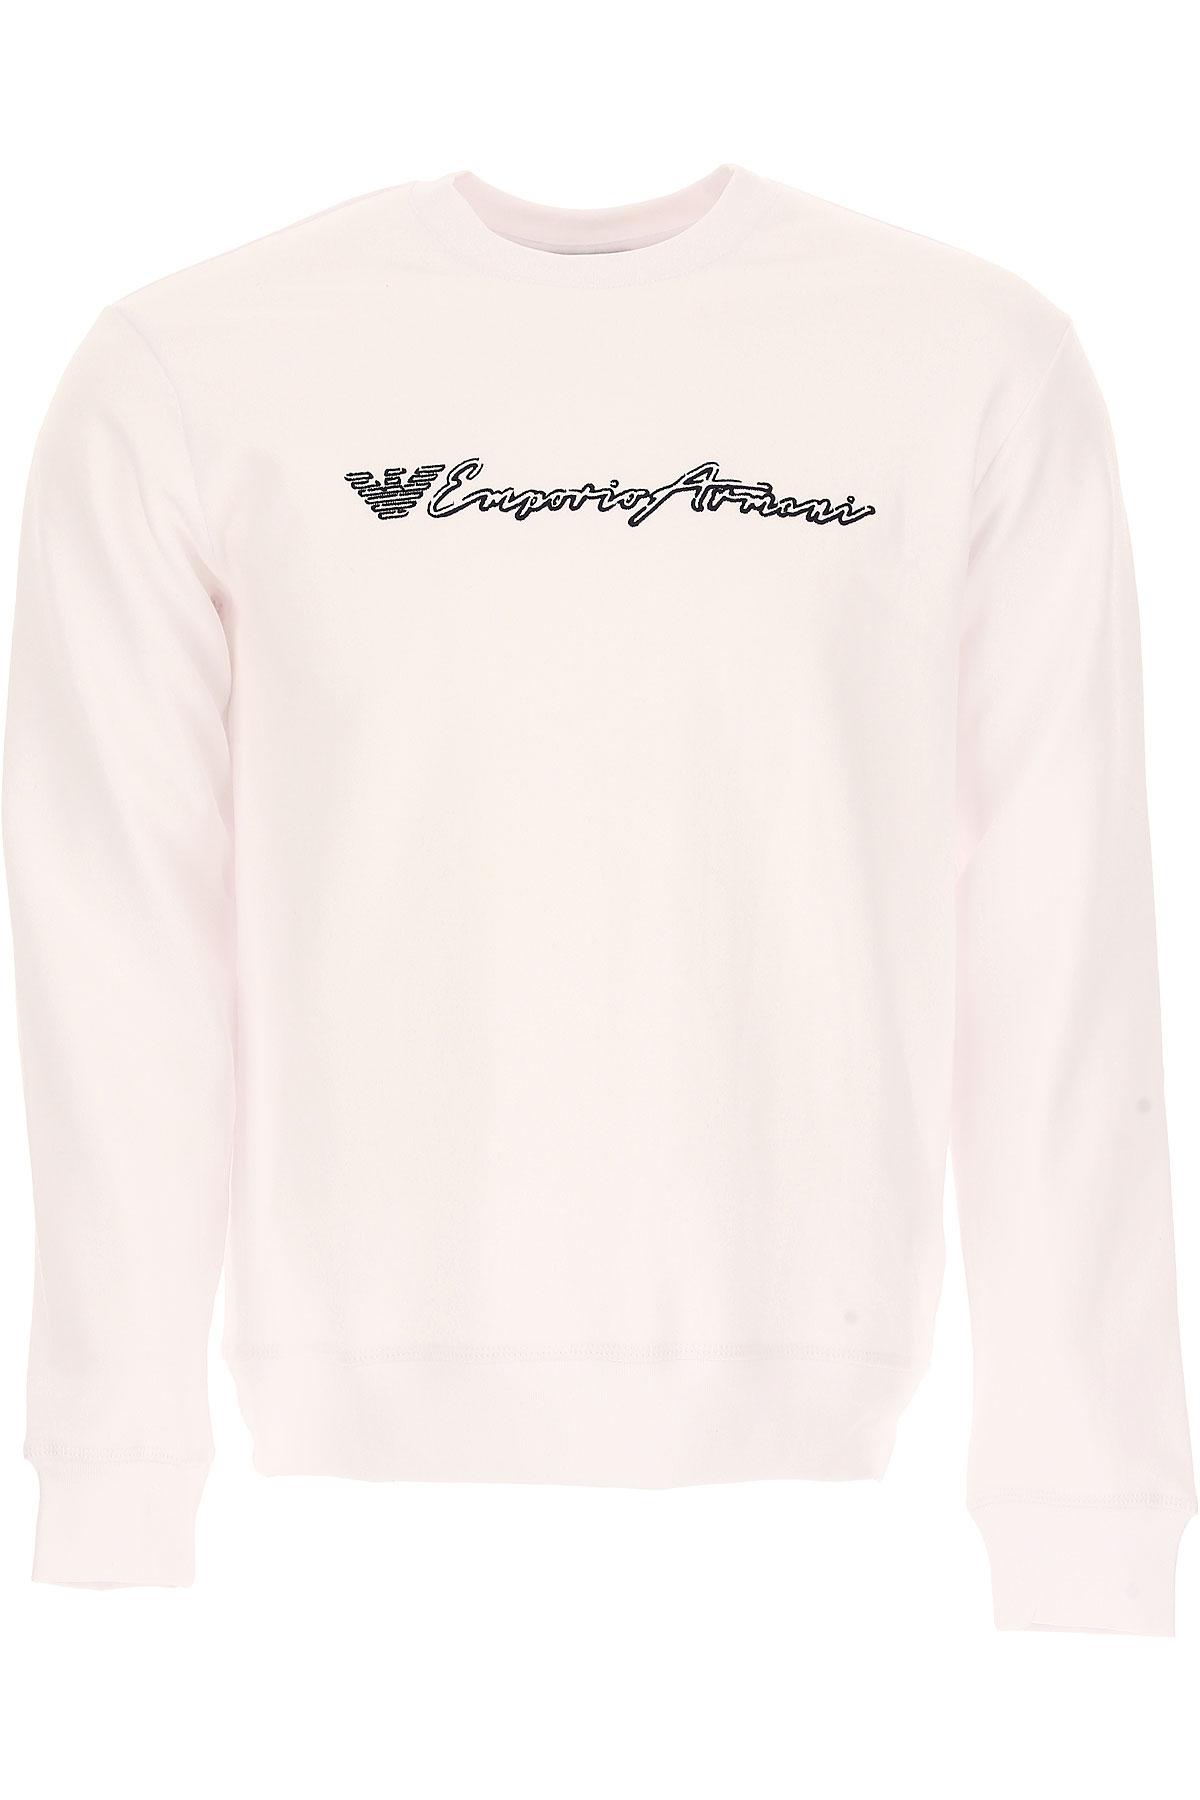 Emporio Armani Sweatshirt for Men, White, Cotton, 2017, L M S XL XXL USA-438594